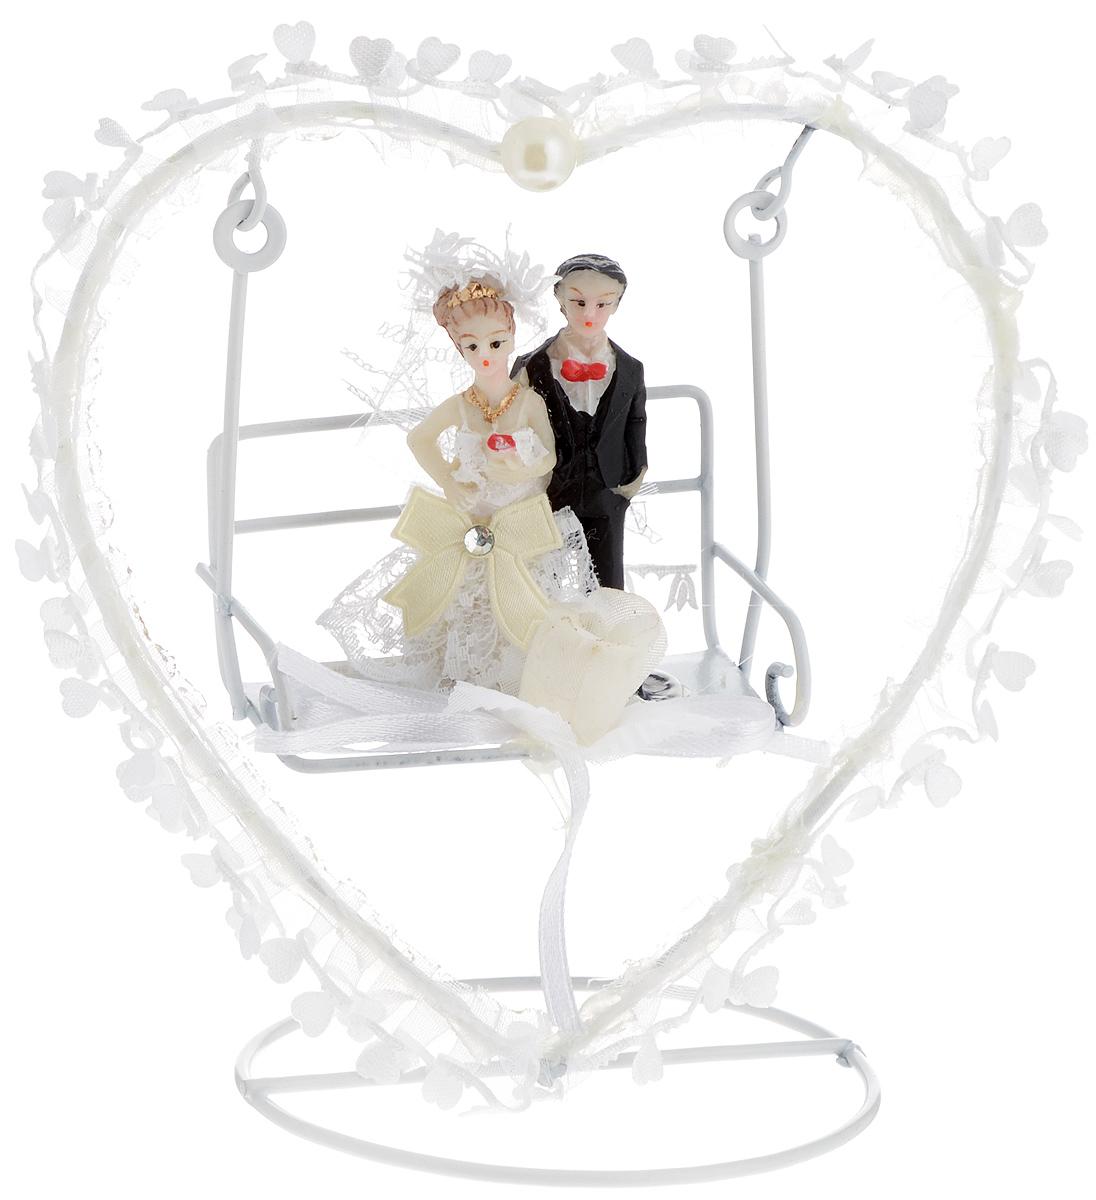 Свадебная фигурка на торт Принт Торг Жених и невеста на качелях в виде сердца, высота 13 см94.001FФигурка Принт Торг Жених и невеста на качелях в виде сердца прекрасно подойдет для оформления свадебного торта. Украшение выполнено в виде молодоженов на качелях. Такая фигурка подчеркнет индивидуальность вашей пары и станет приятным воспоминанием о торжестве.